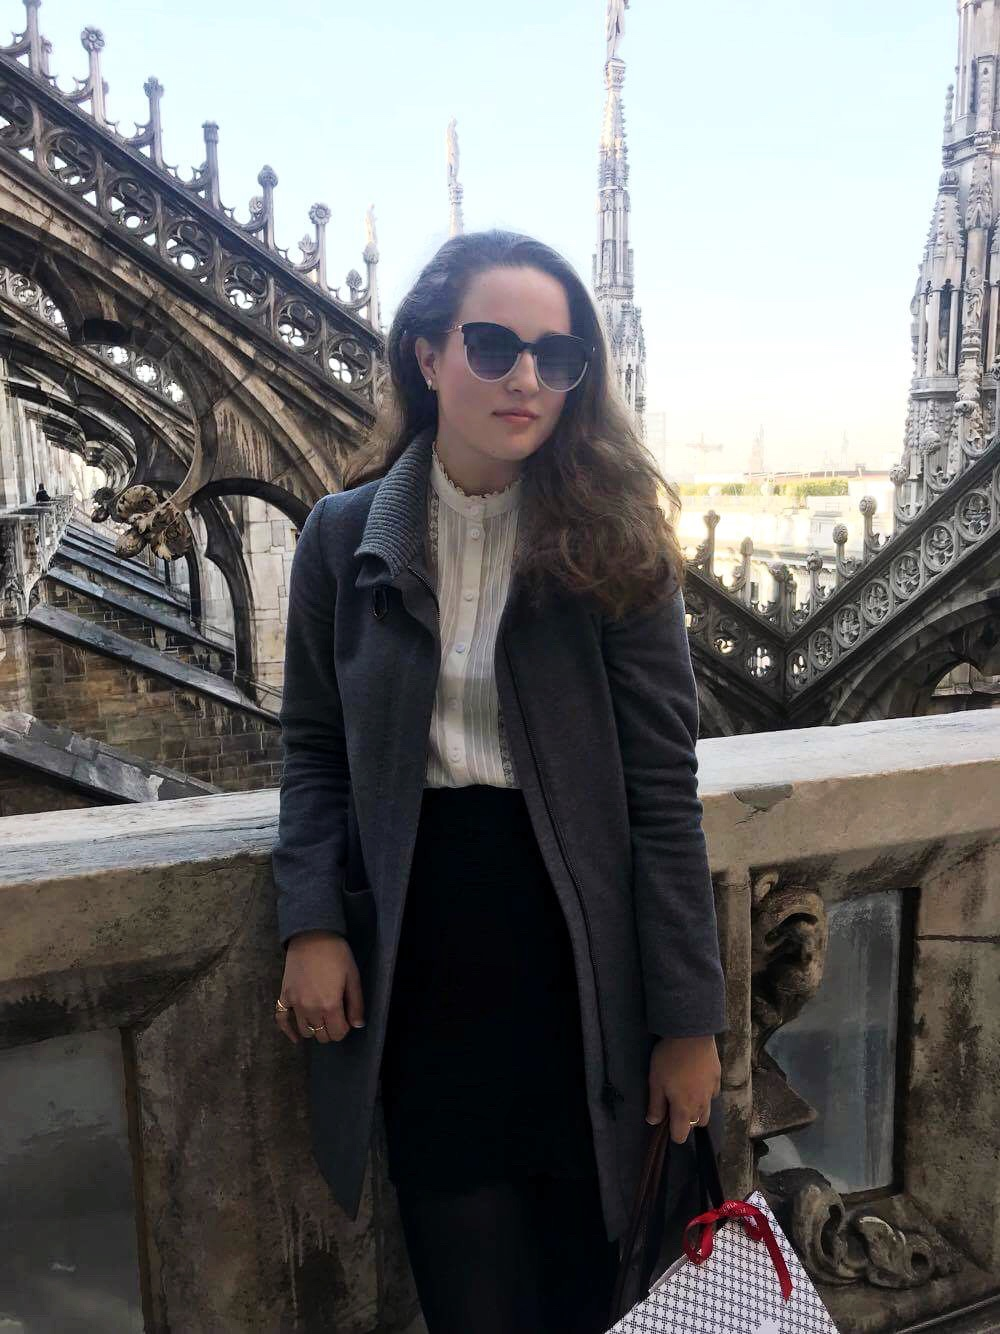 Bella Milano Cady Quotidienne Duomo Terrace.jpg